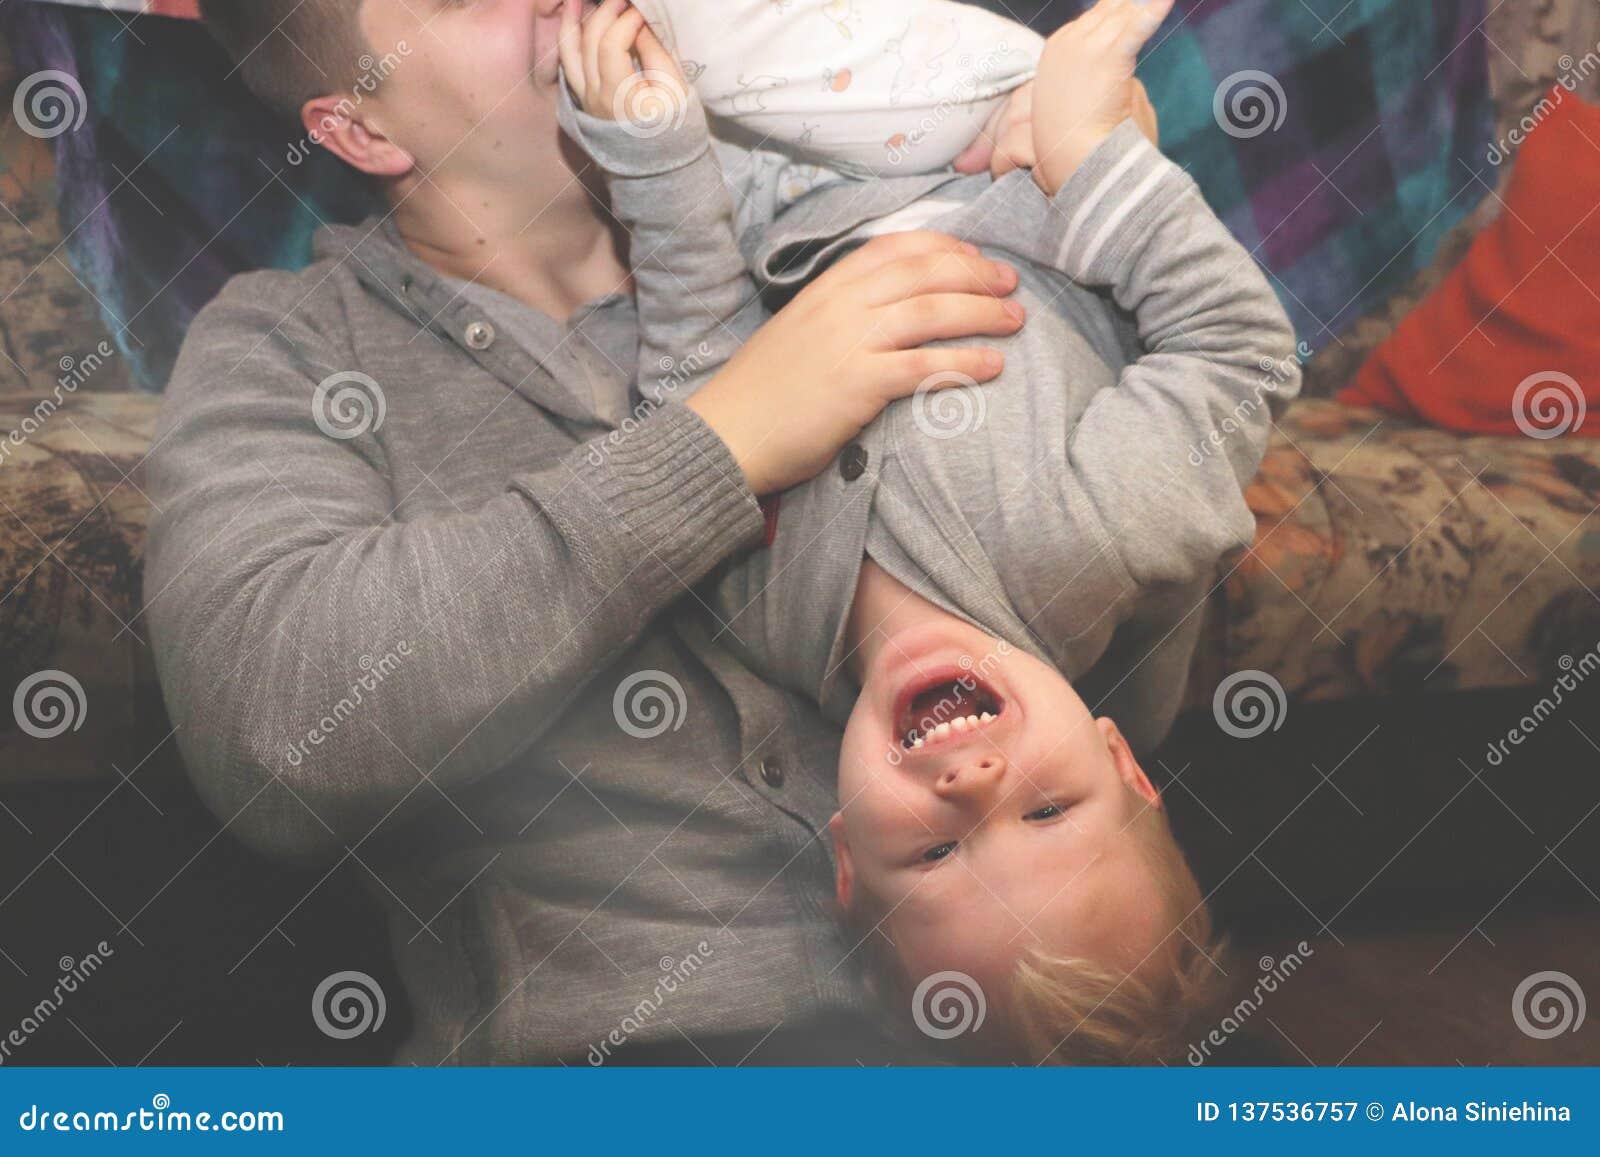 爸爸和儿子戏剧,沉溺 父亲转动了他的儿子颠倒,儿童笑